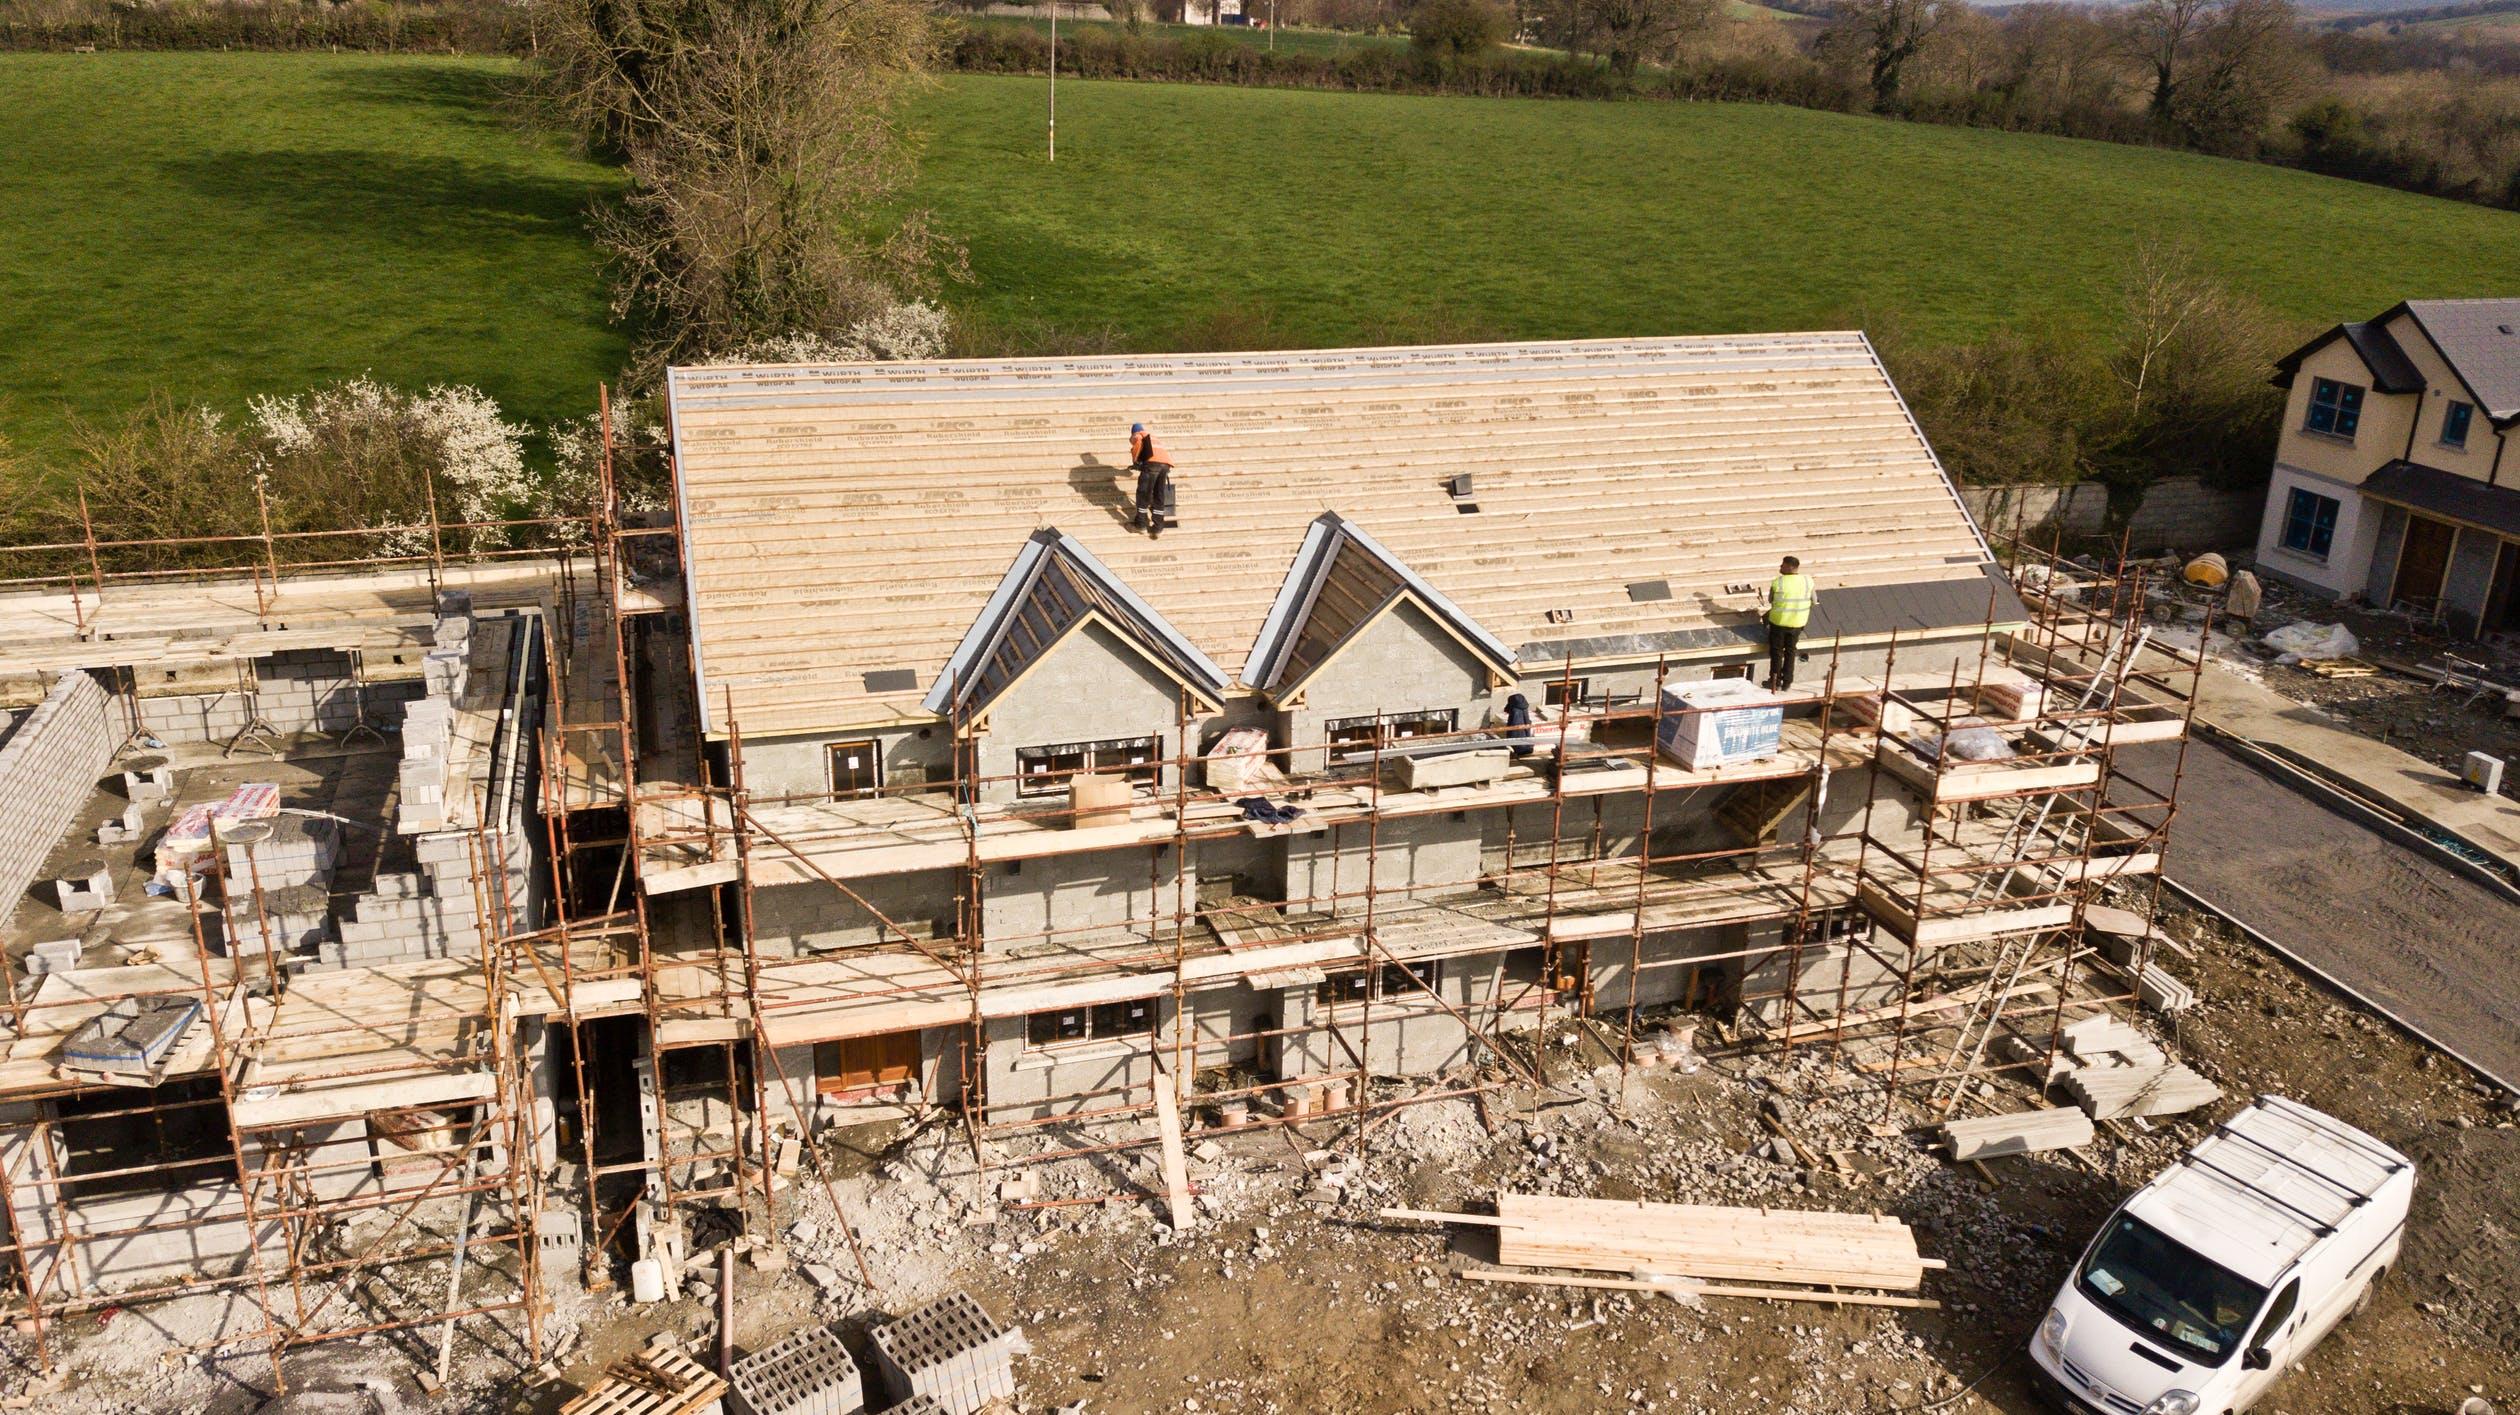 Maison en construction avec des échafaudages